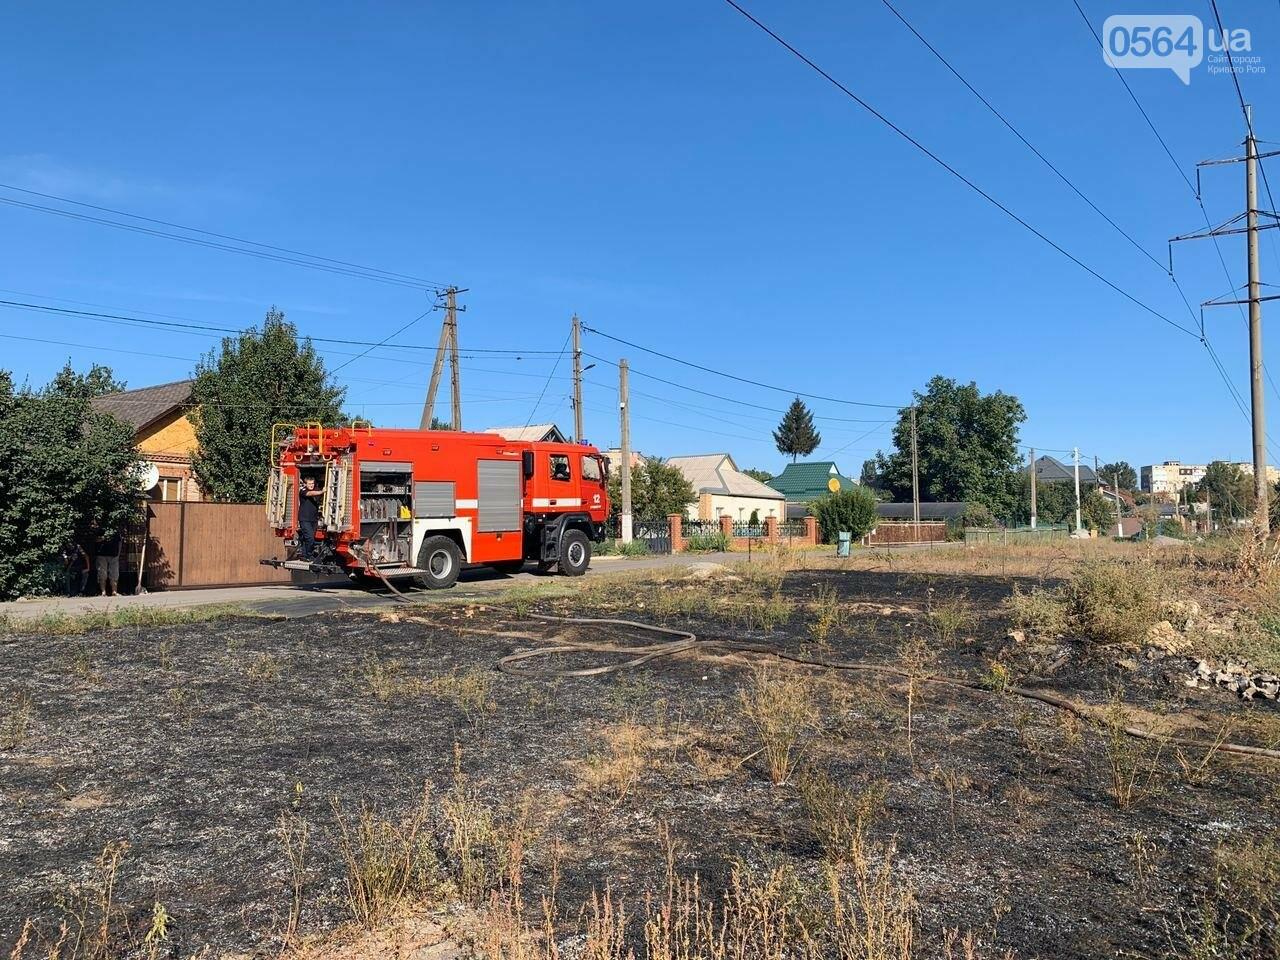 В Кривом Роге возле частного сектора произошел пожар в экосистеме, - ФОТО , фото-11